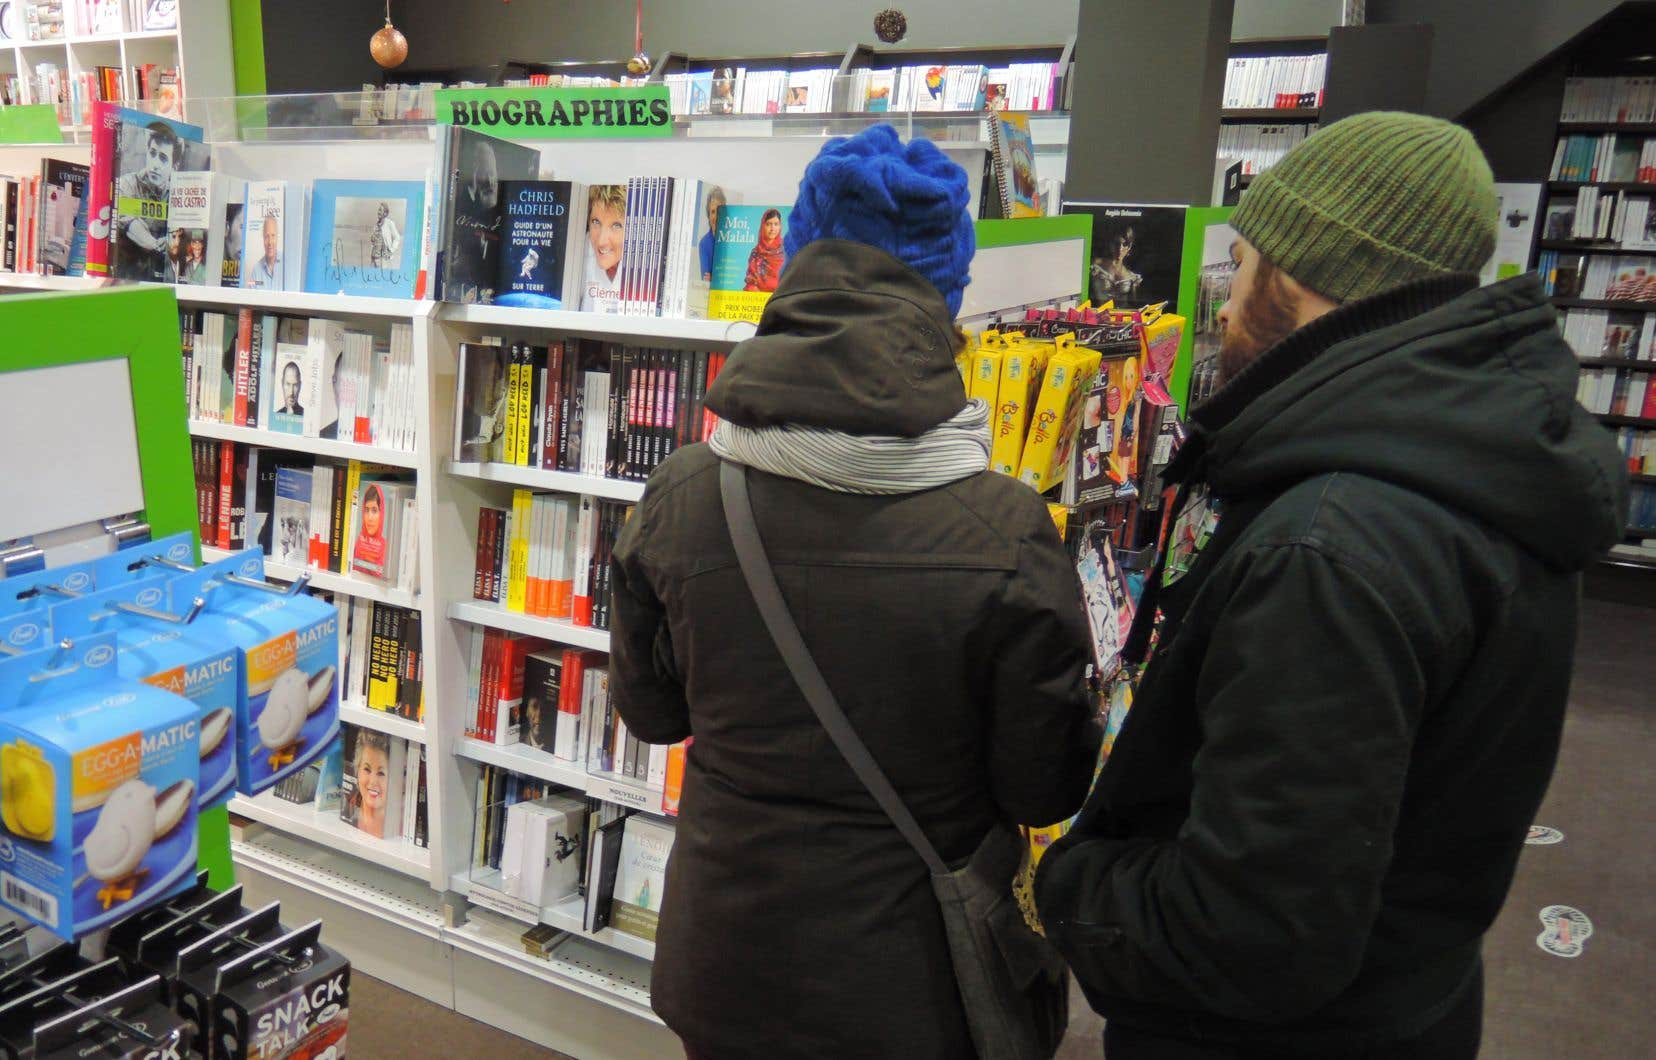 Amazon fait une concurrence déloyale aux libraires, qui sont les principaux garants de la vitalité du marché du livre au Québec, rappellent les signataires.